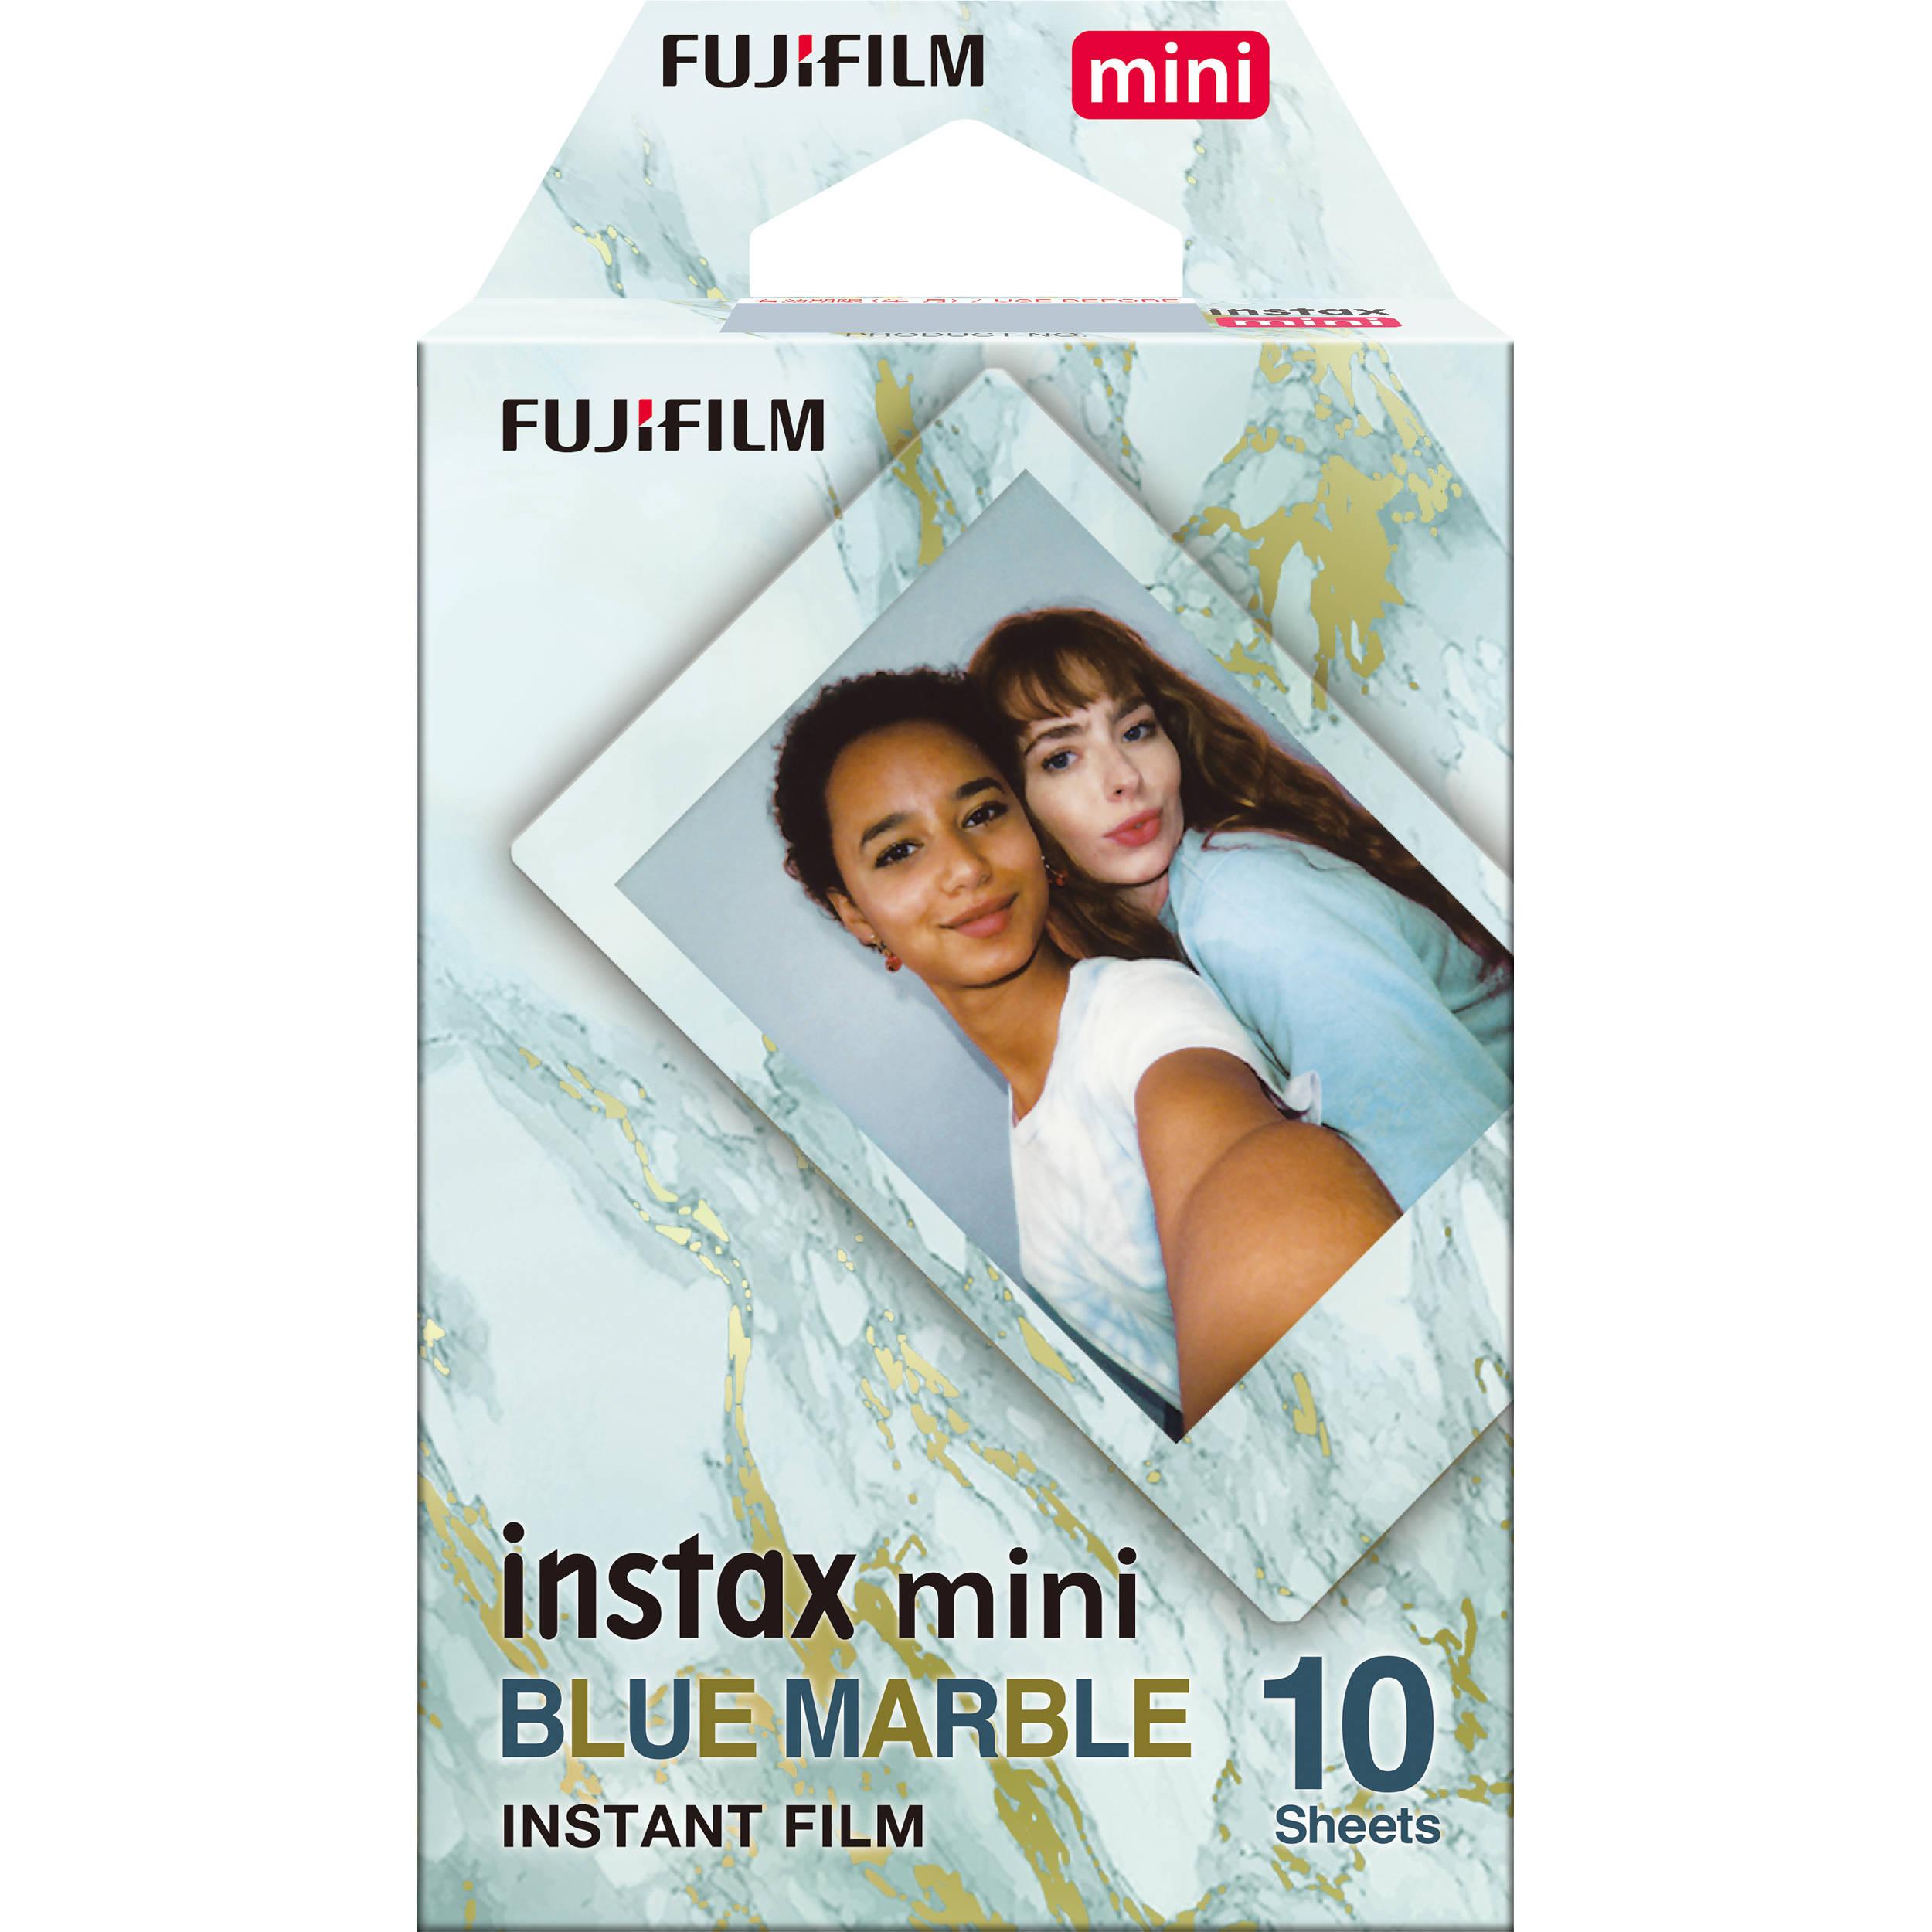 fujifilm_16656461_instax_mini_blue_marble_1548537